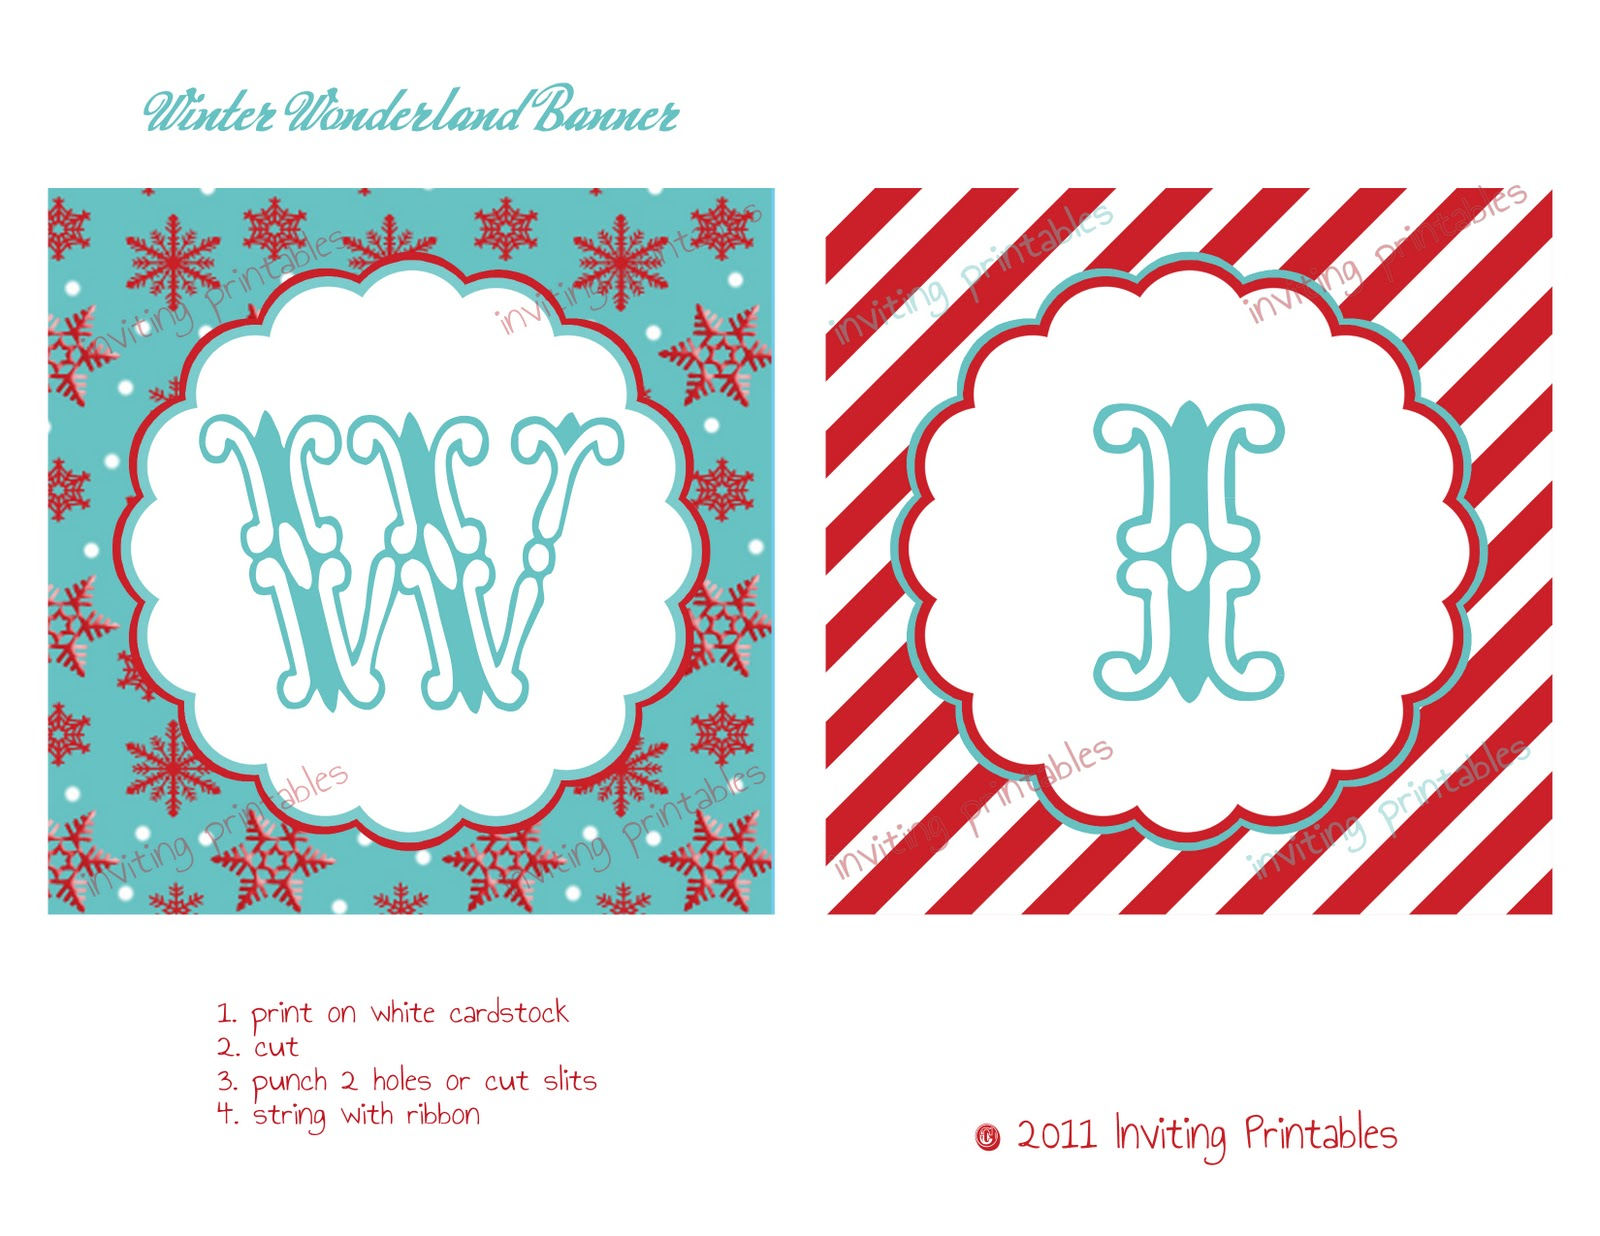 Winter Onederland Invitation is beautiful invitation sample